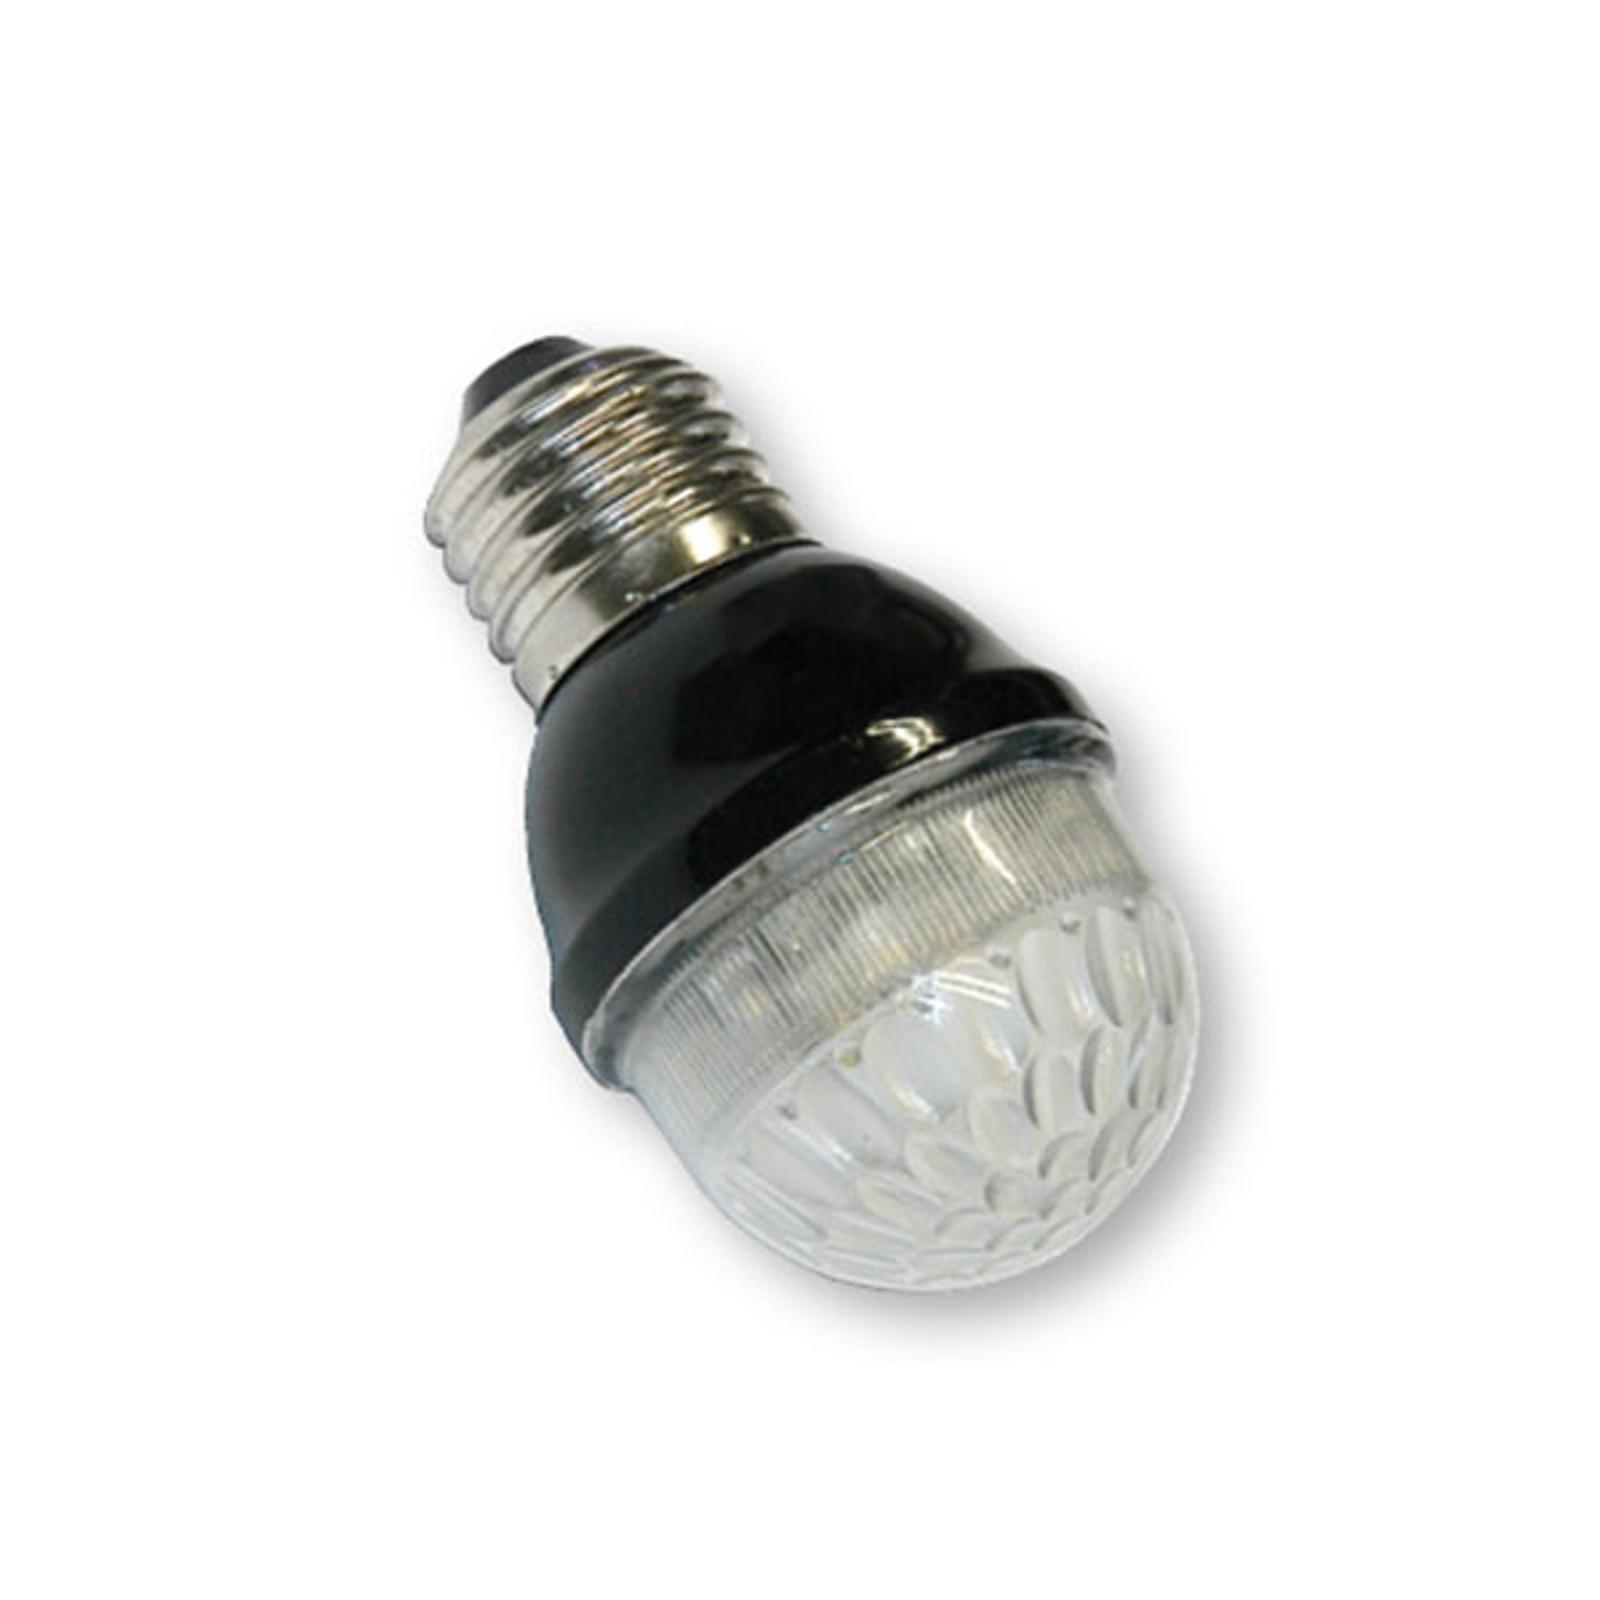 E27 Golfball-Lampe 1W 5,5 VA warmweiß, klar